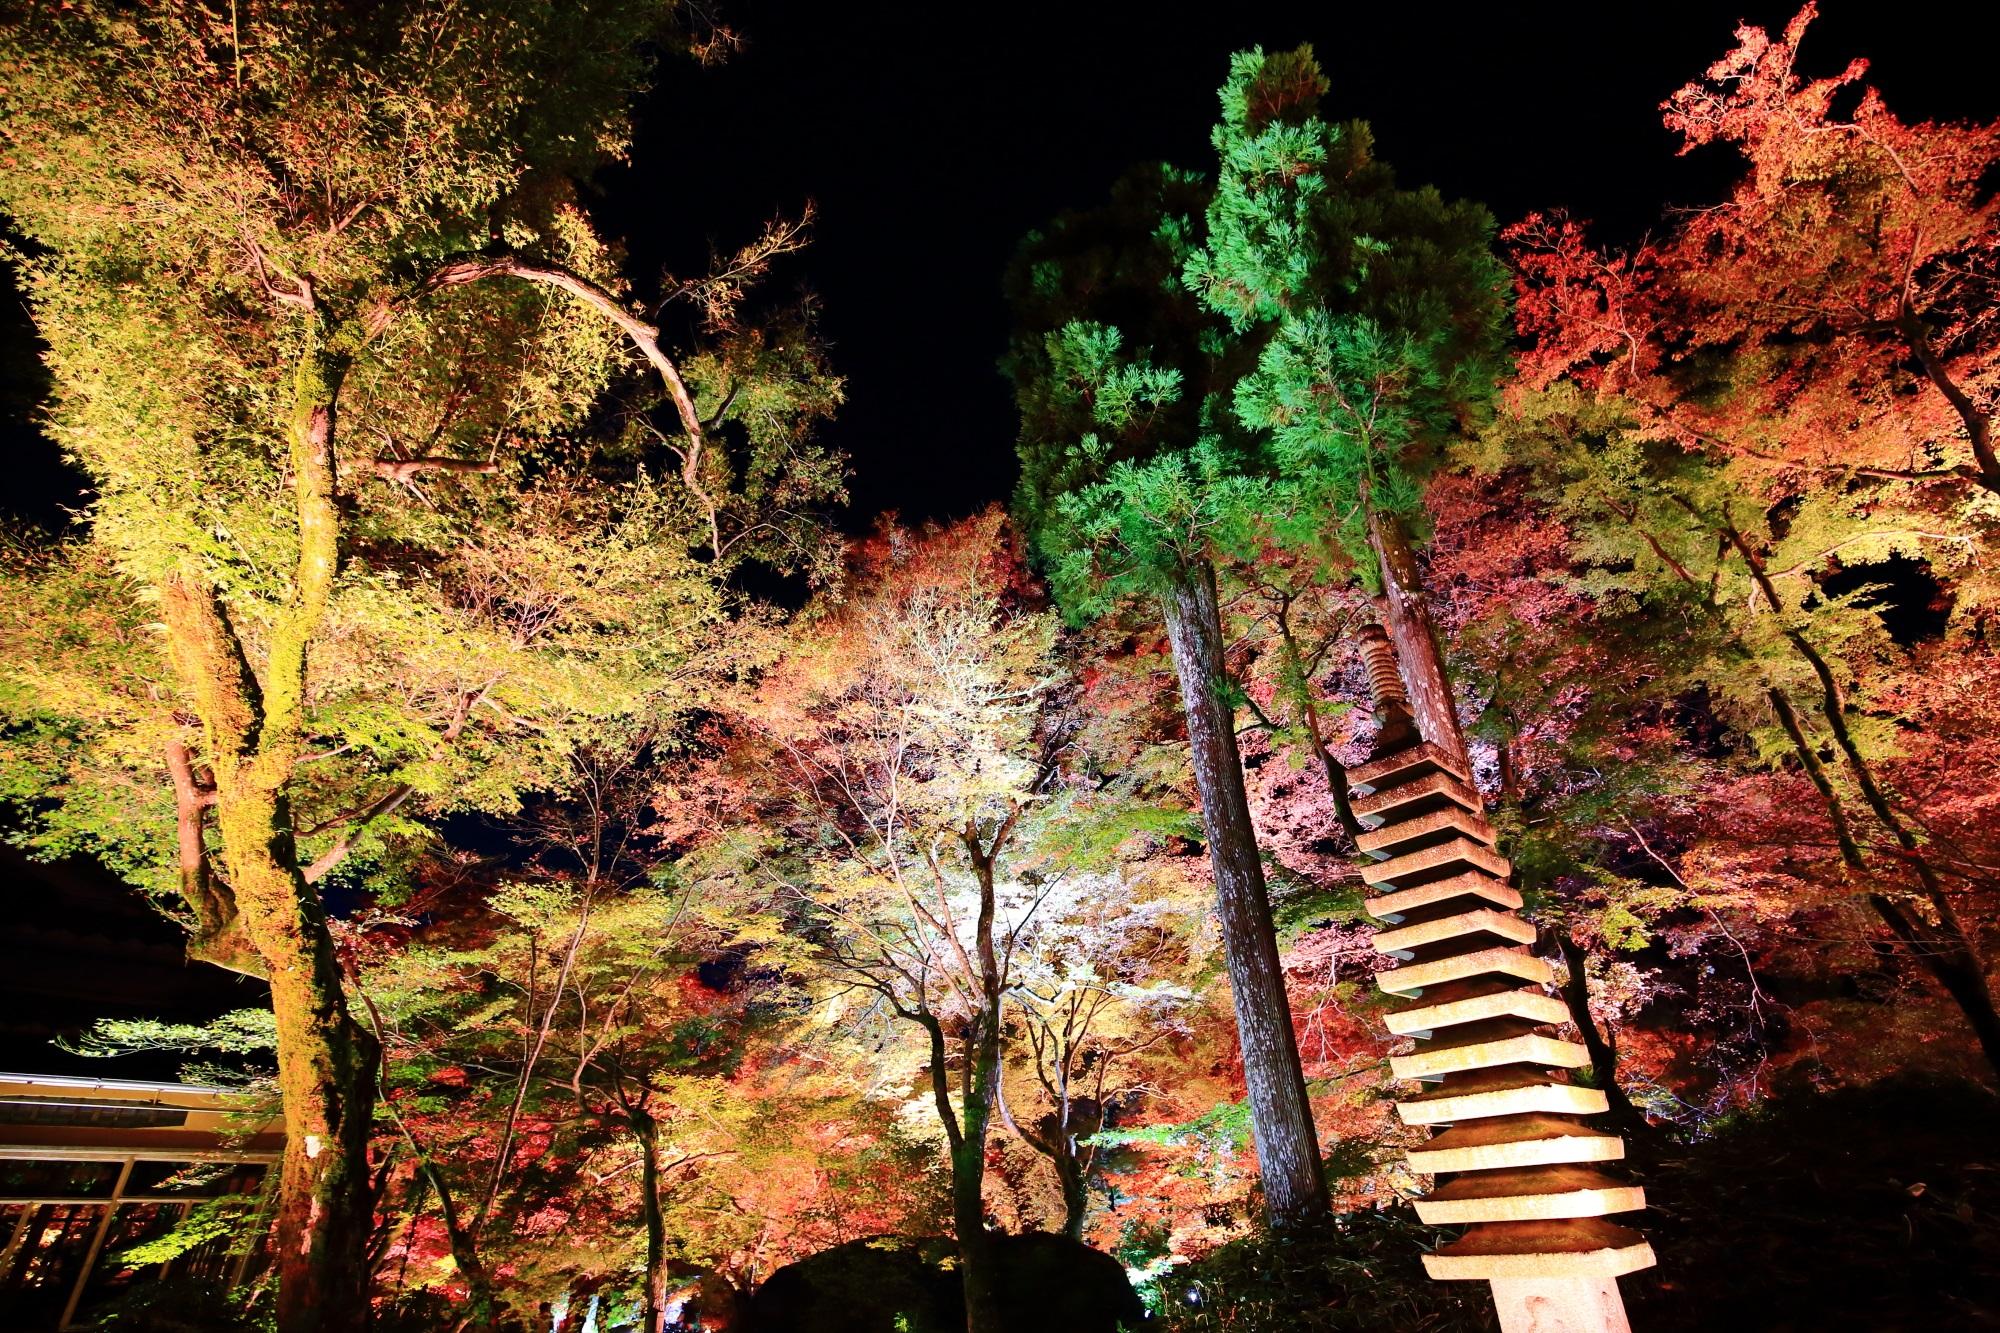 天龍寺塔頭の宝厳院の本堂前の美しい紅葉と石塔のライトアップ